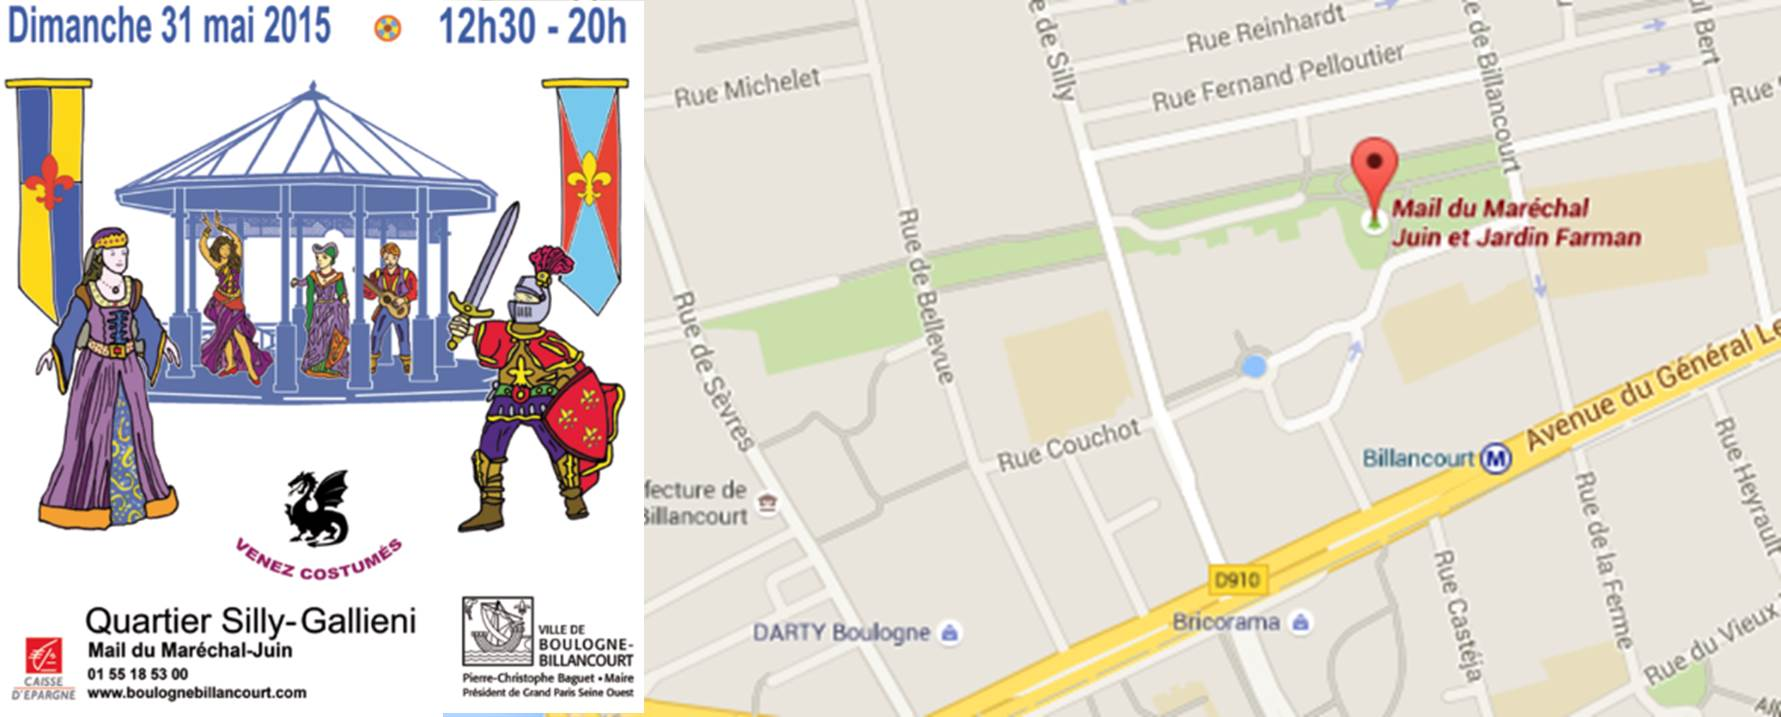 La Fête des cigales : Silly-Gallieni au rythme du médieval